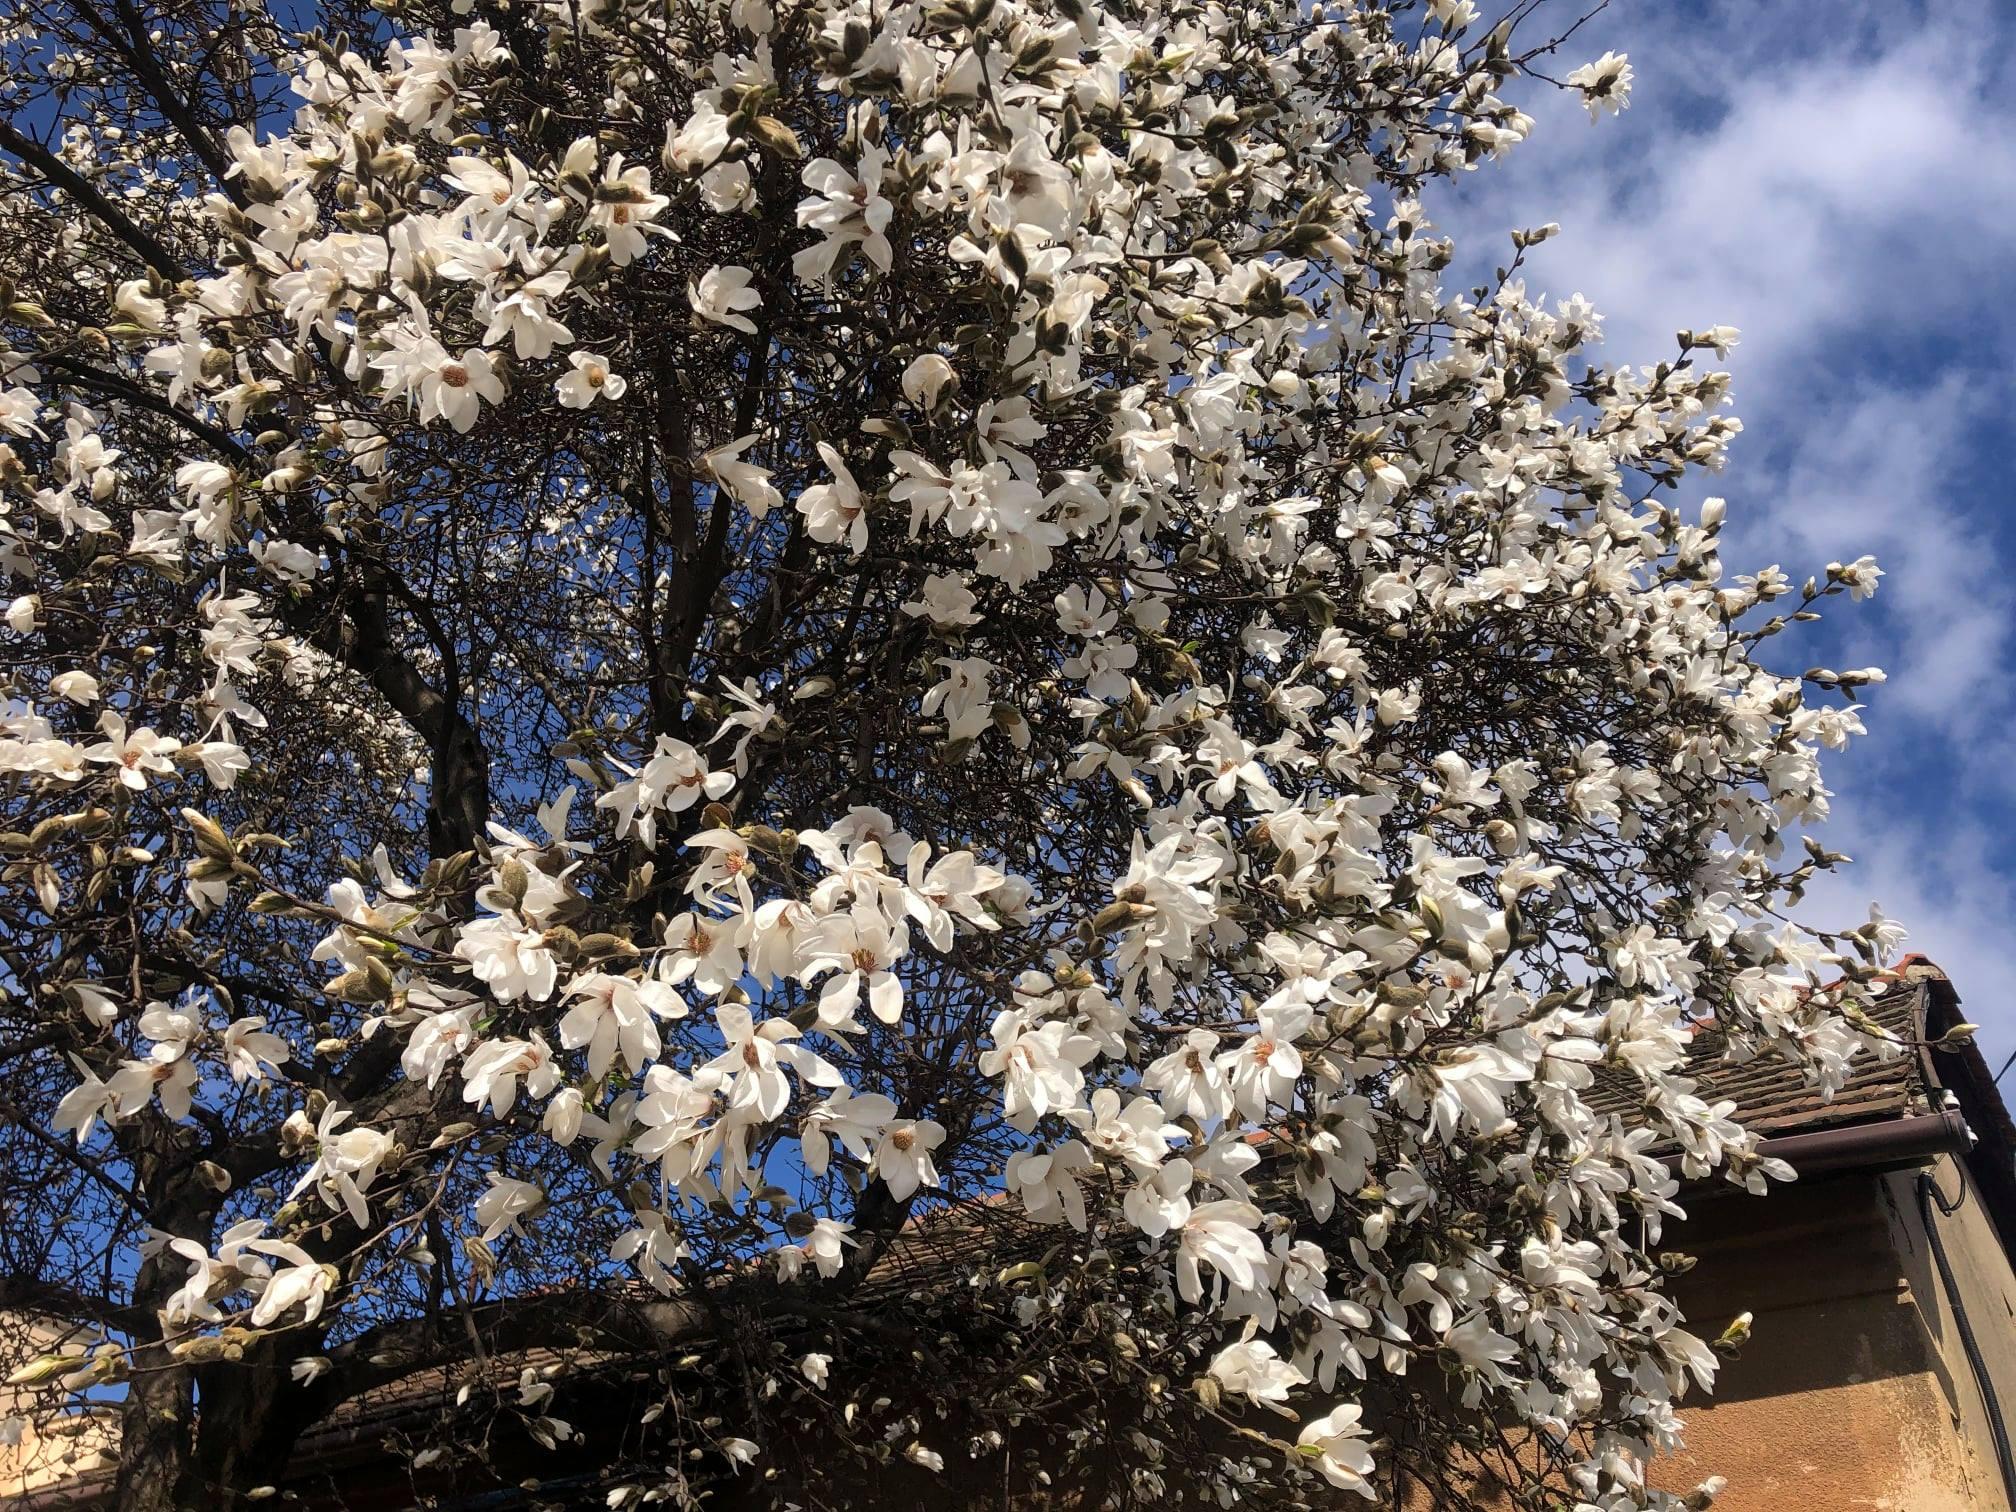 Після довгого періоду холодних днів, який затягнувся до середини березня, на Закарпатті настала тепла весняна погода.